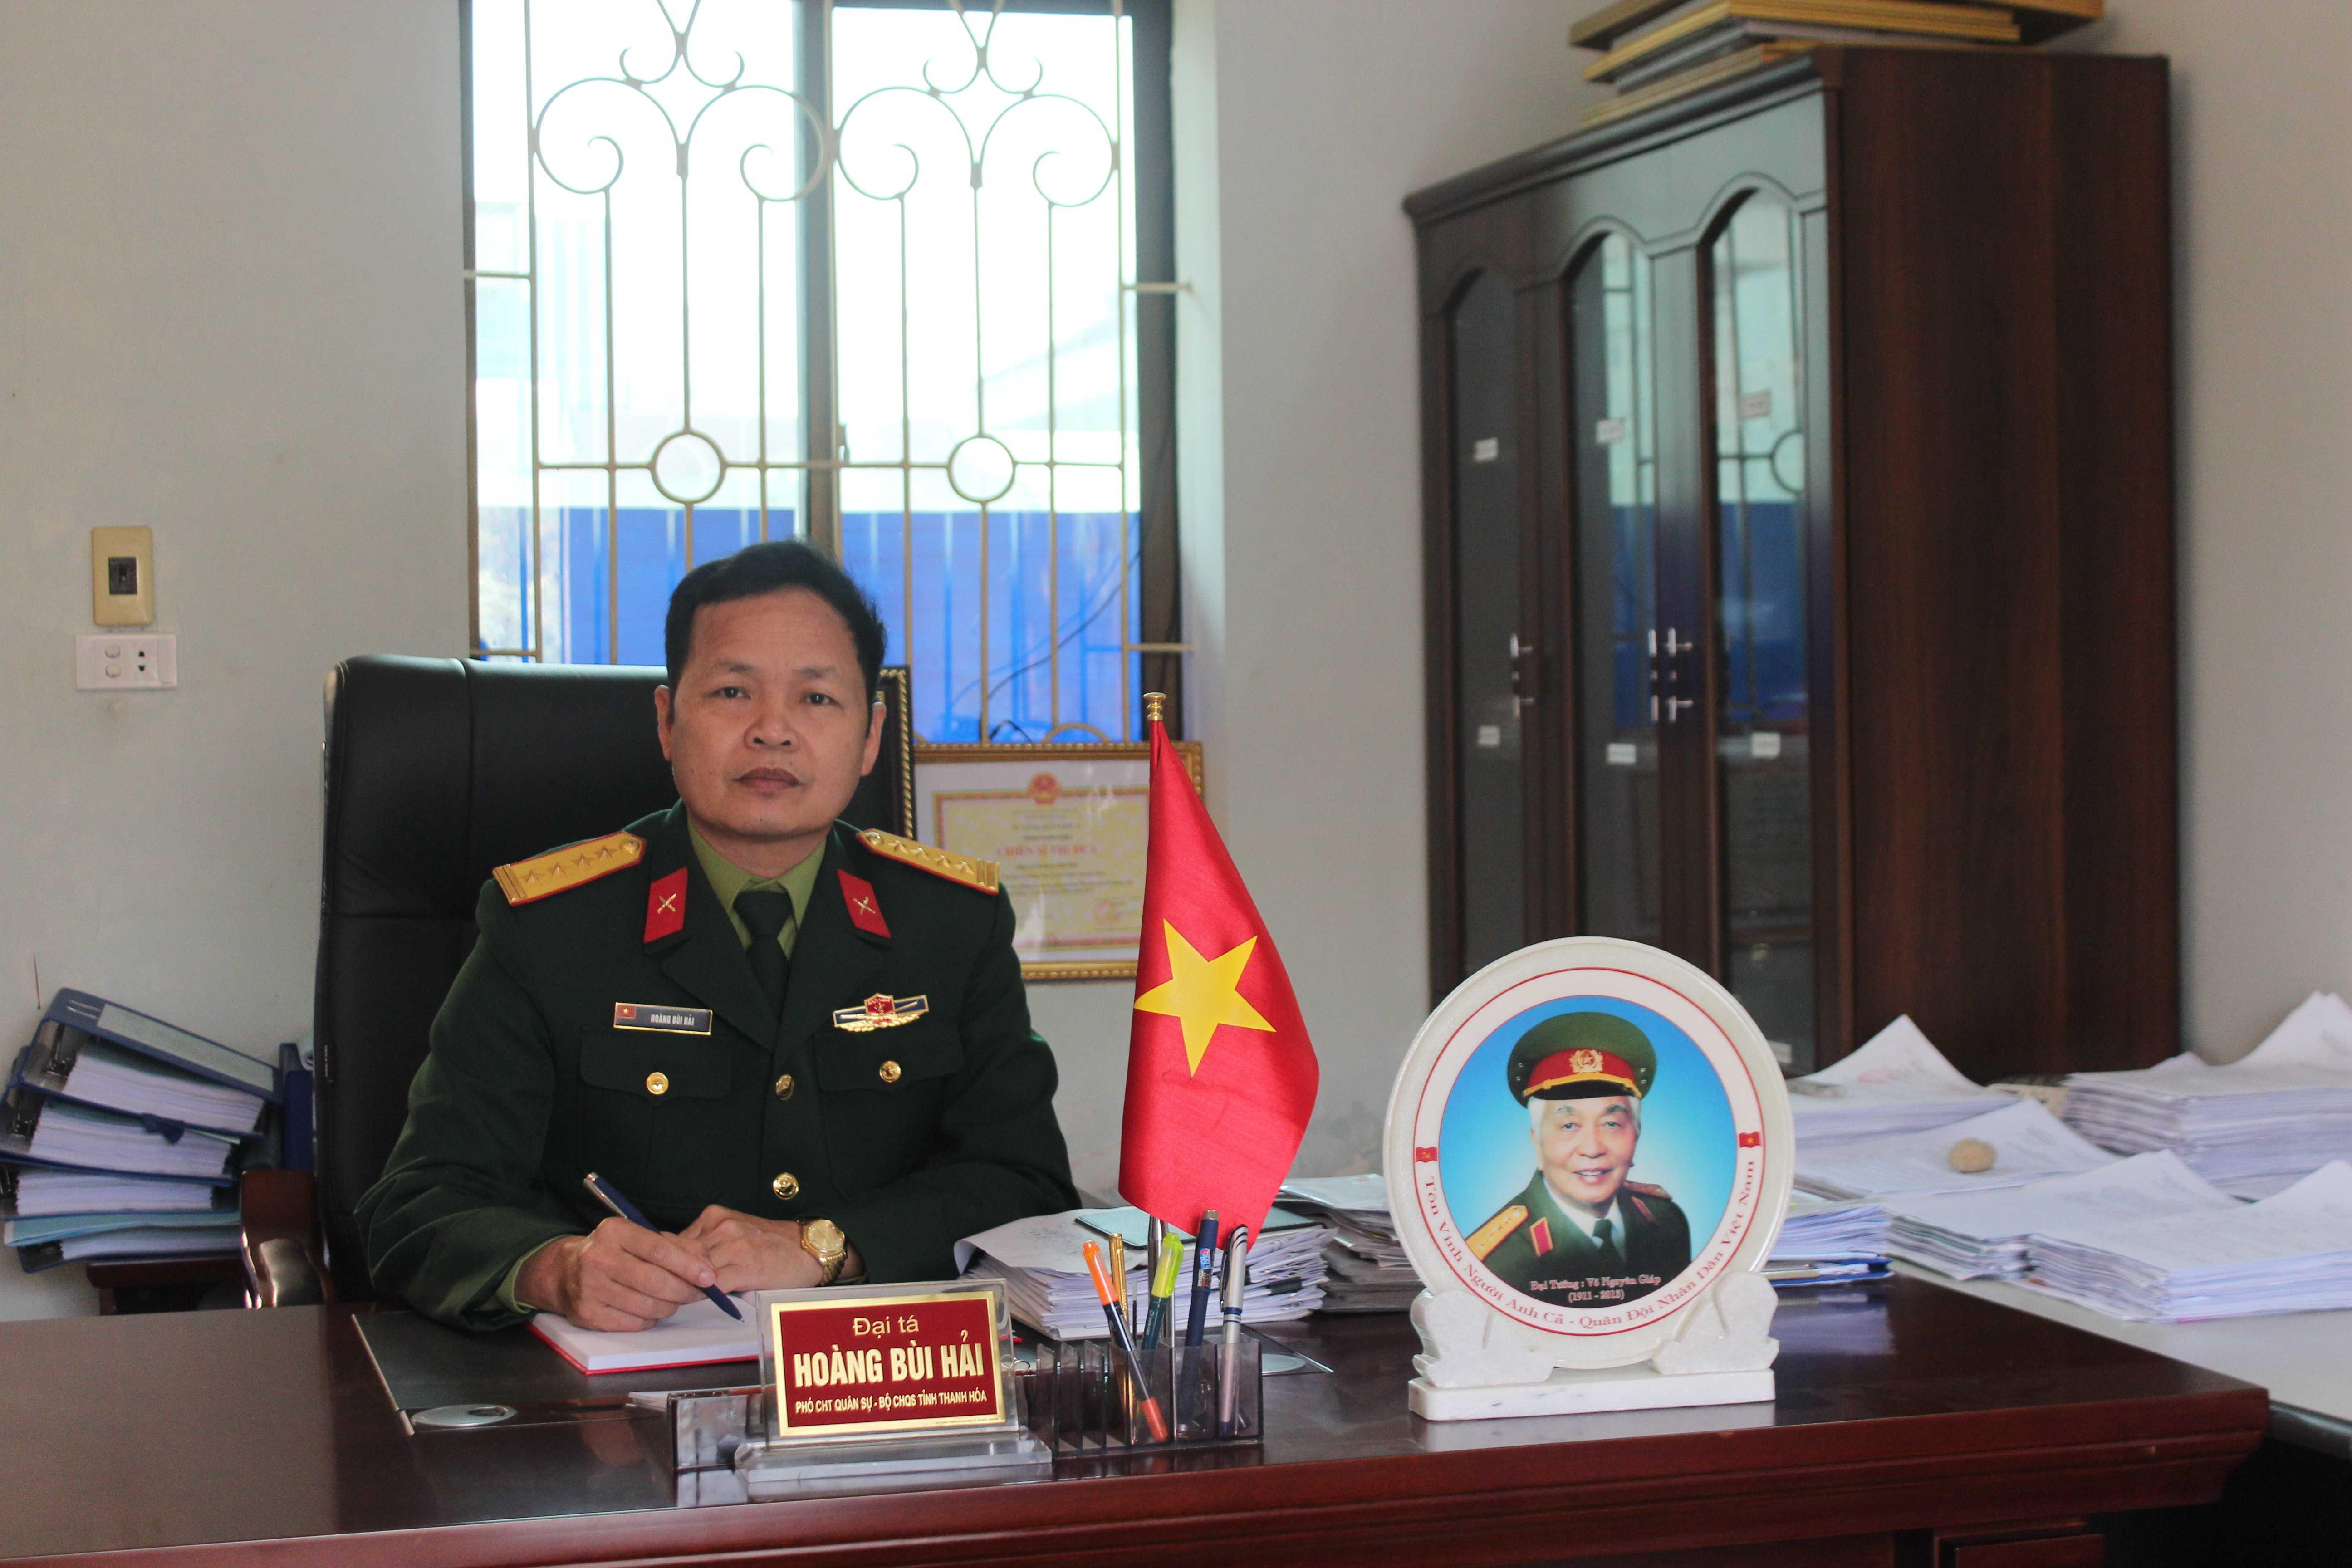 Đại tá Hoàng Bùi Hải - Phó chỉ huy trưởng Bộ Chỉ huy Quân sự tỉnh Thanh Hóa tìm ra người đồng đội cùng ông bị thương và thoát chết ở Gạc Ma sau bài phóng sự của VTC News.